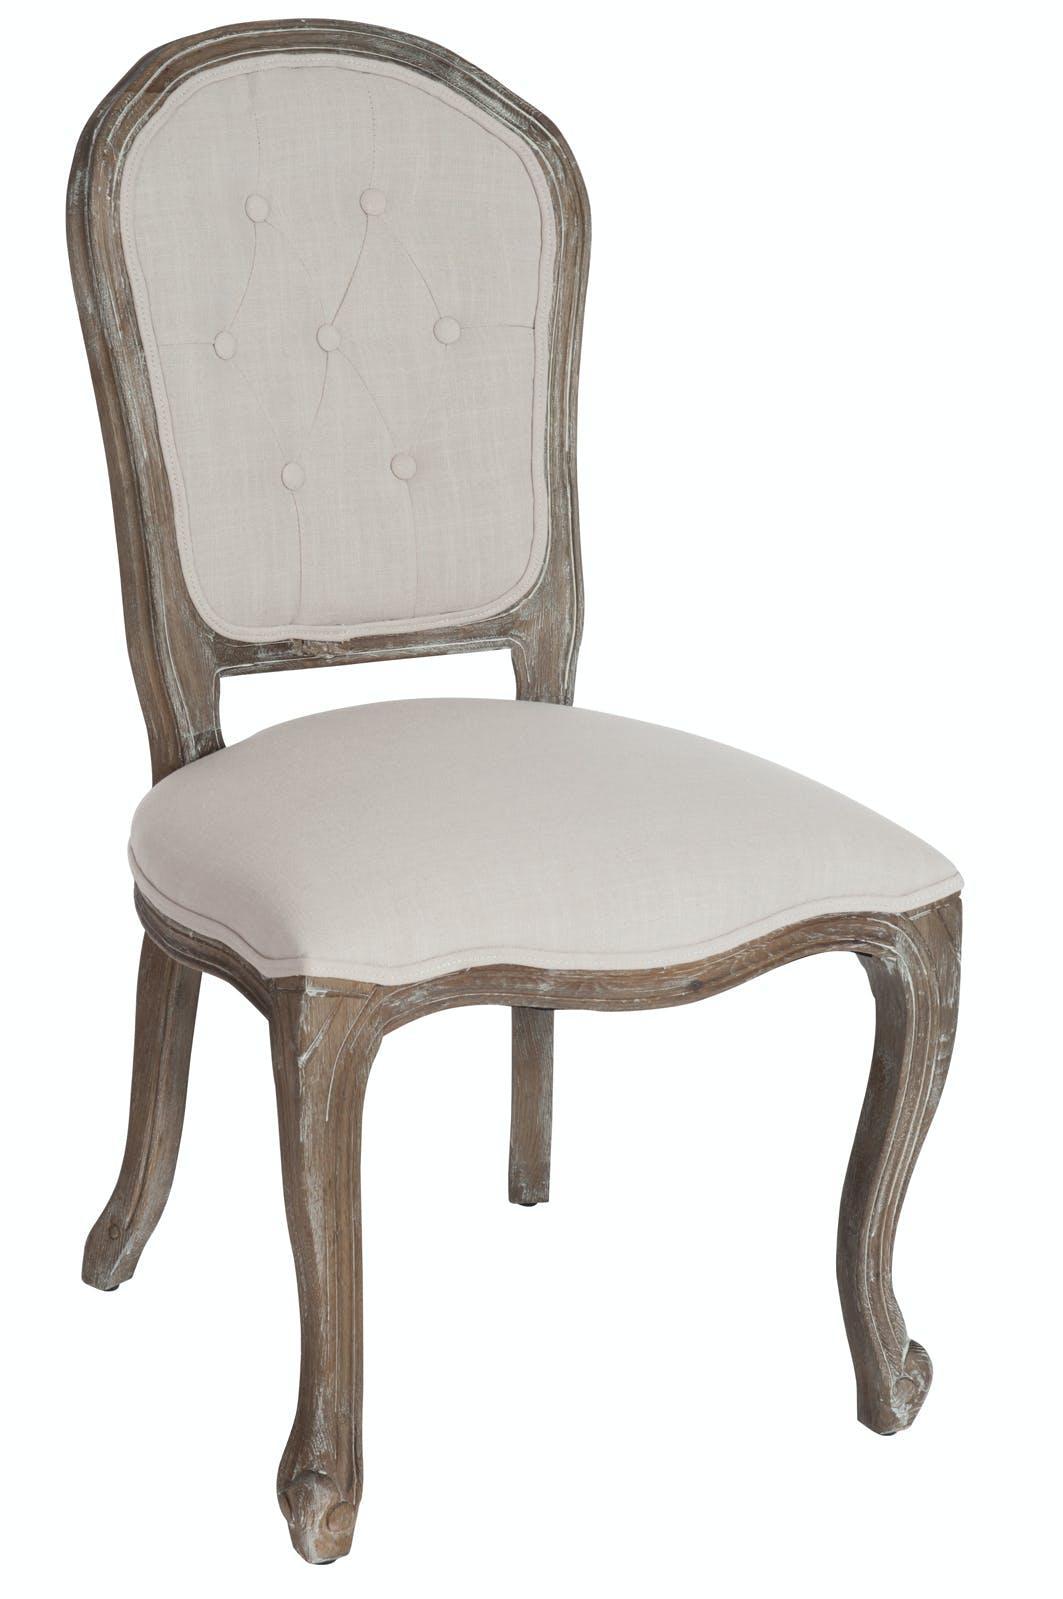 Chaise romantique beige en chêne, dossier à boutons